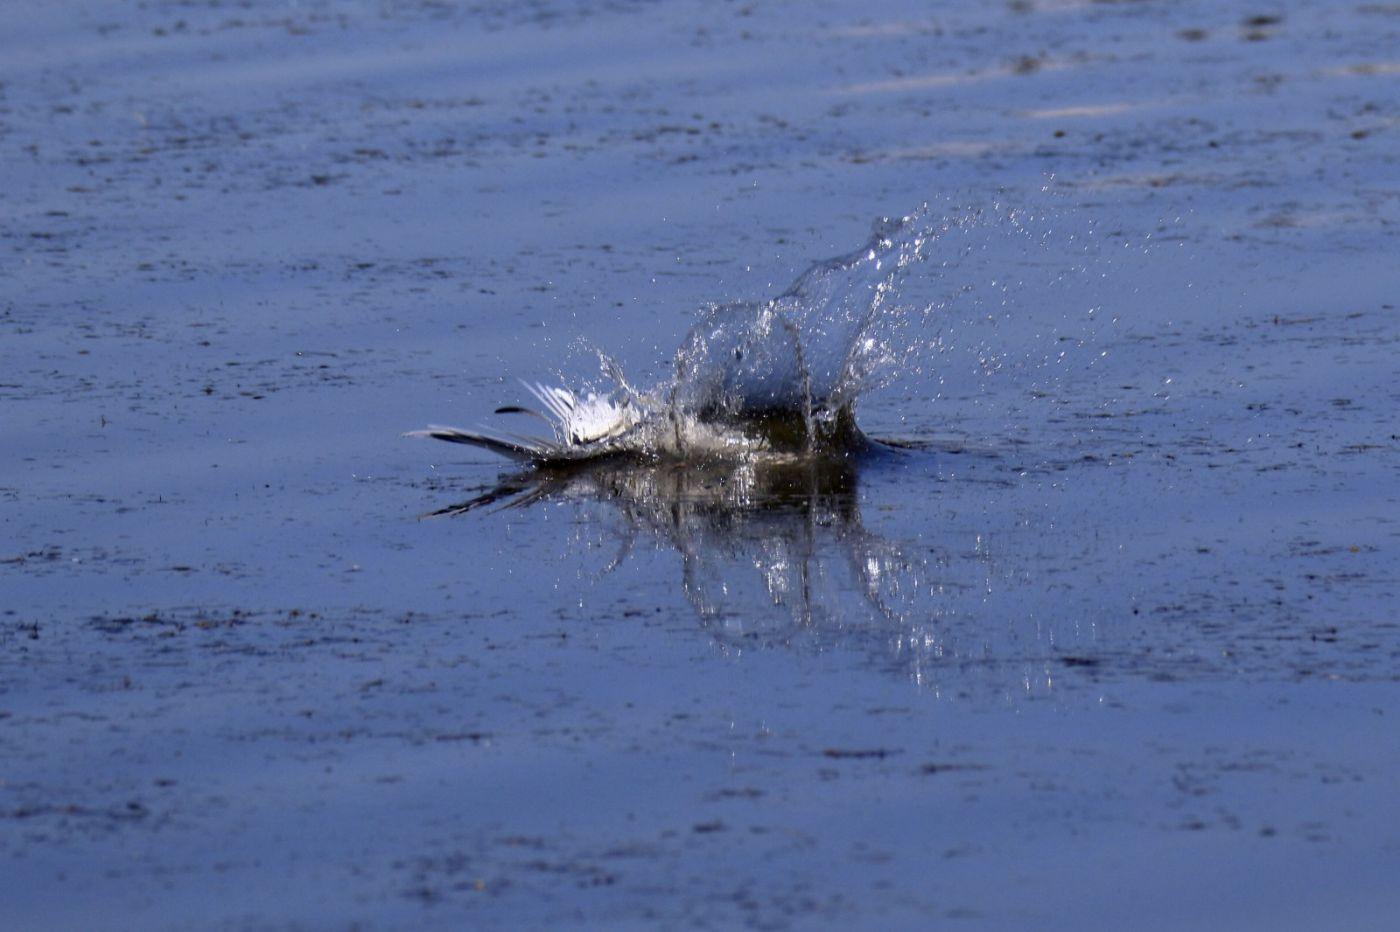 燕鸥捕鱼_图1-5